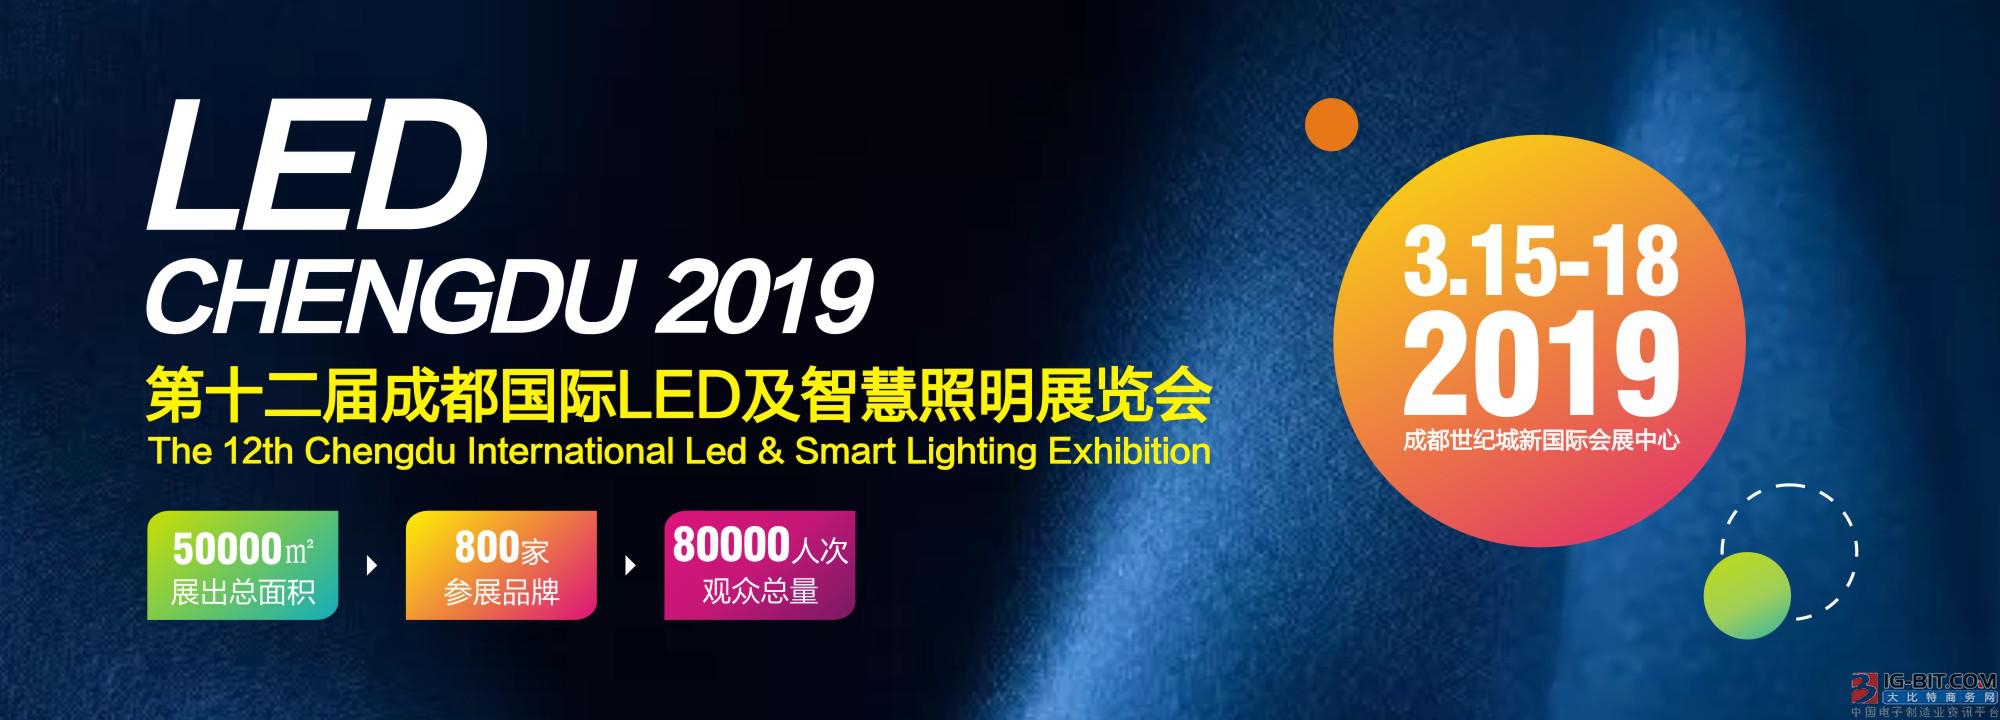 中国第2大LED暨LED照明产业盛会